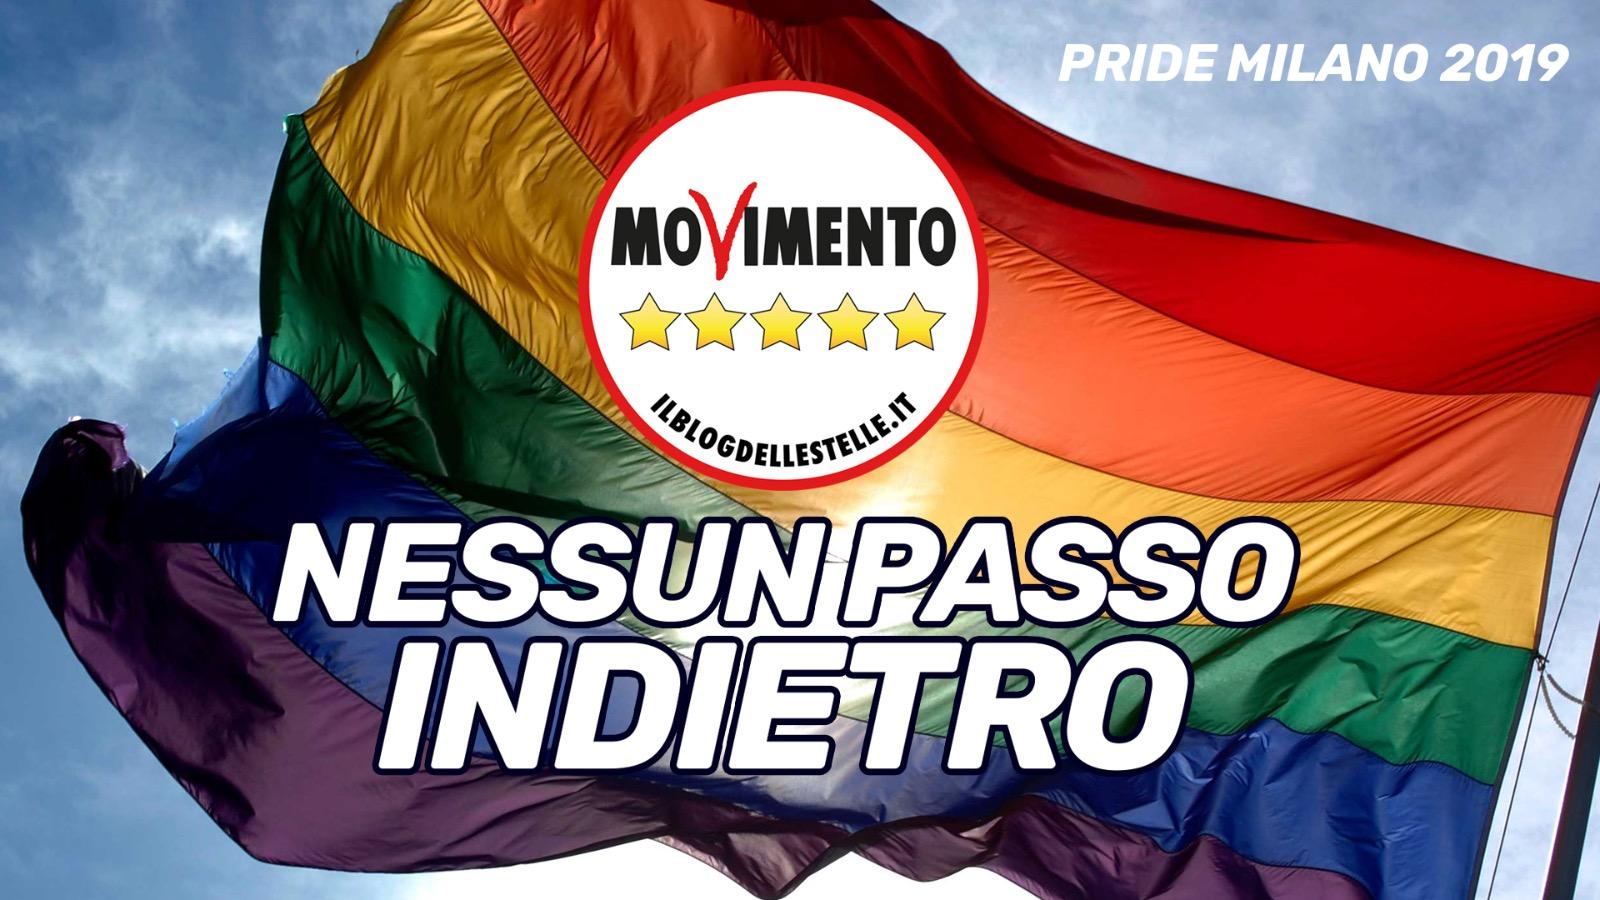 Milano Pride 2019, ci saremo.